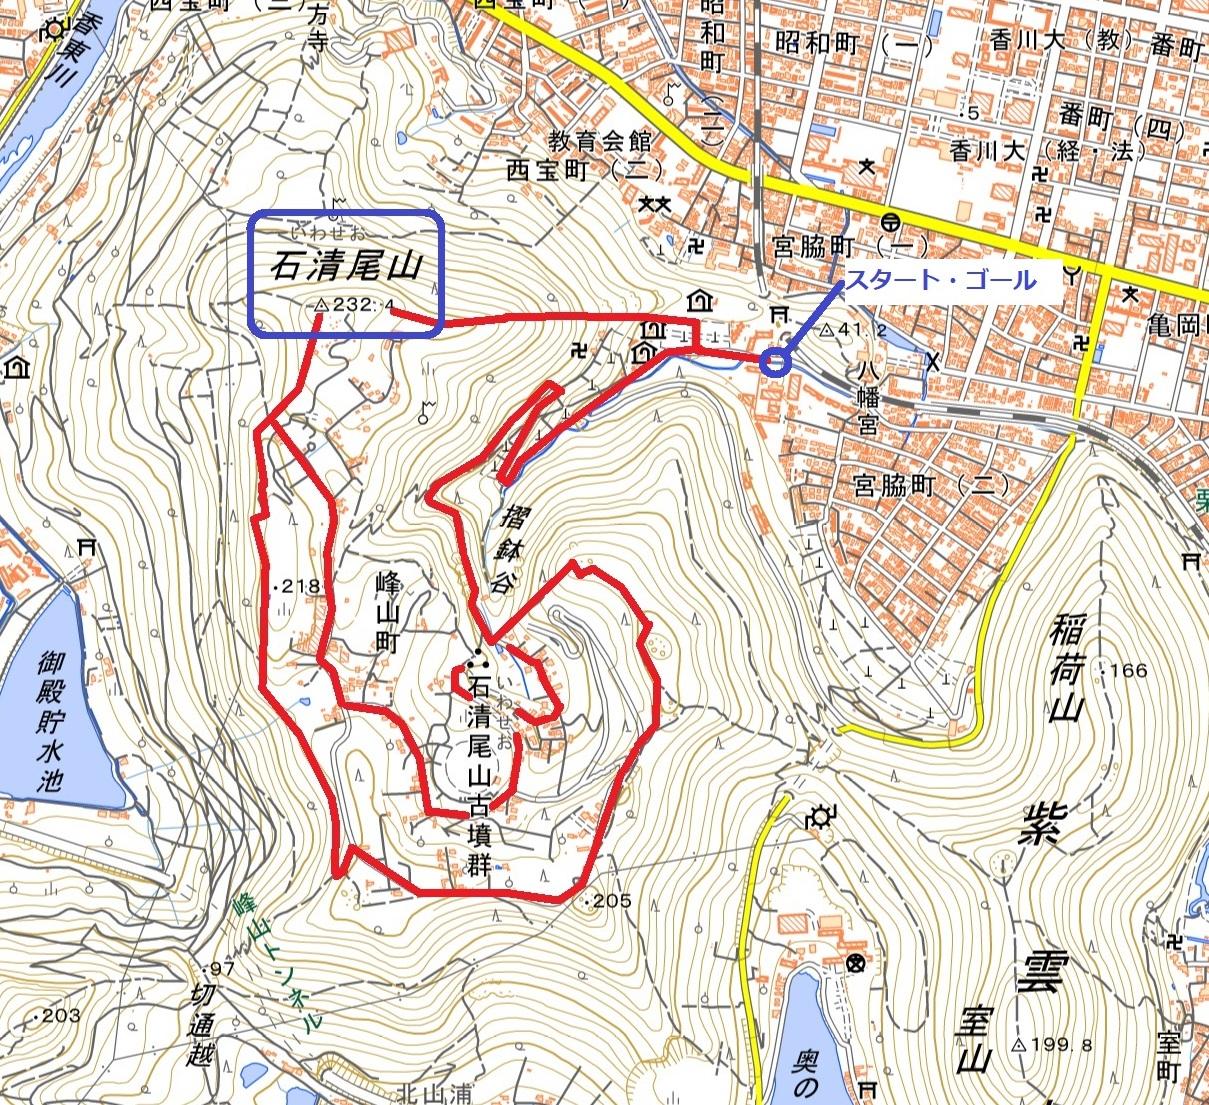 峰山公園 ハイキングコース地理院地図